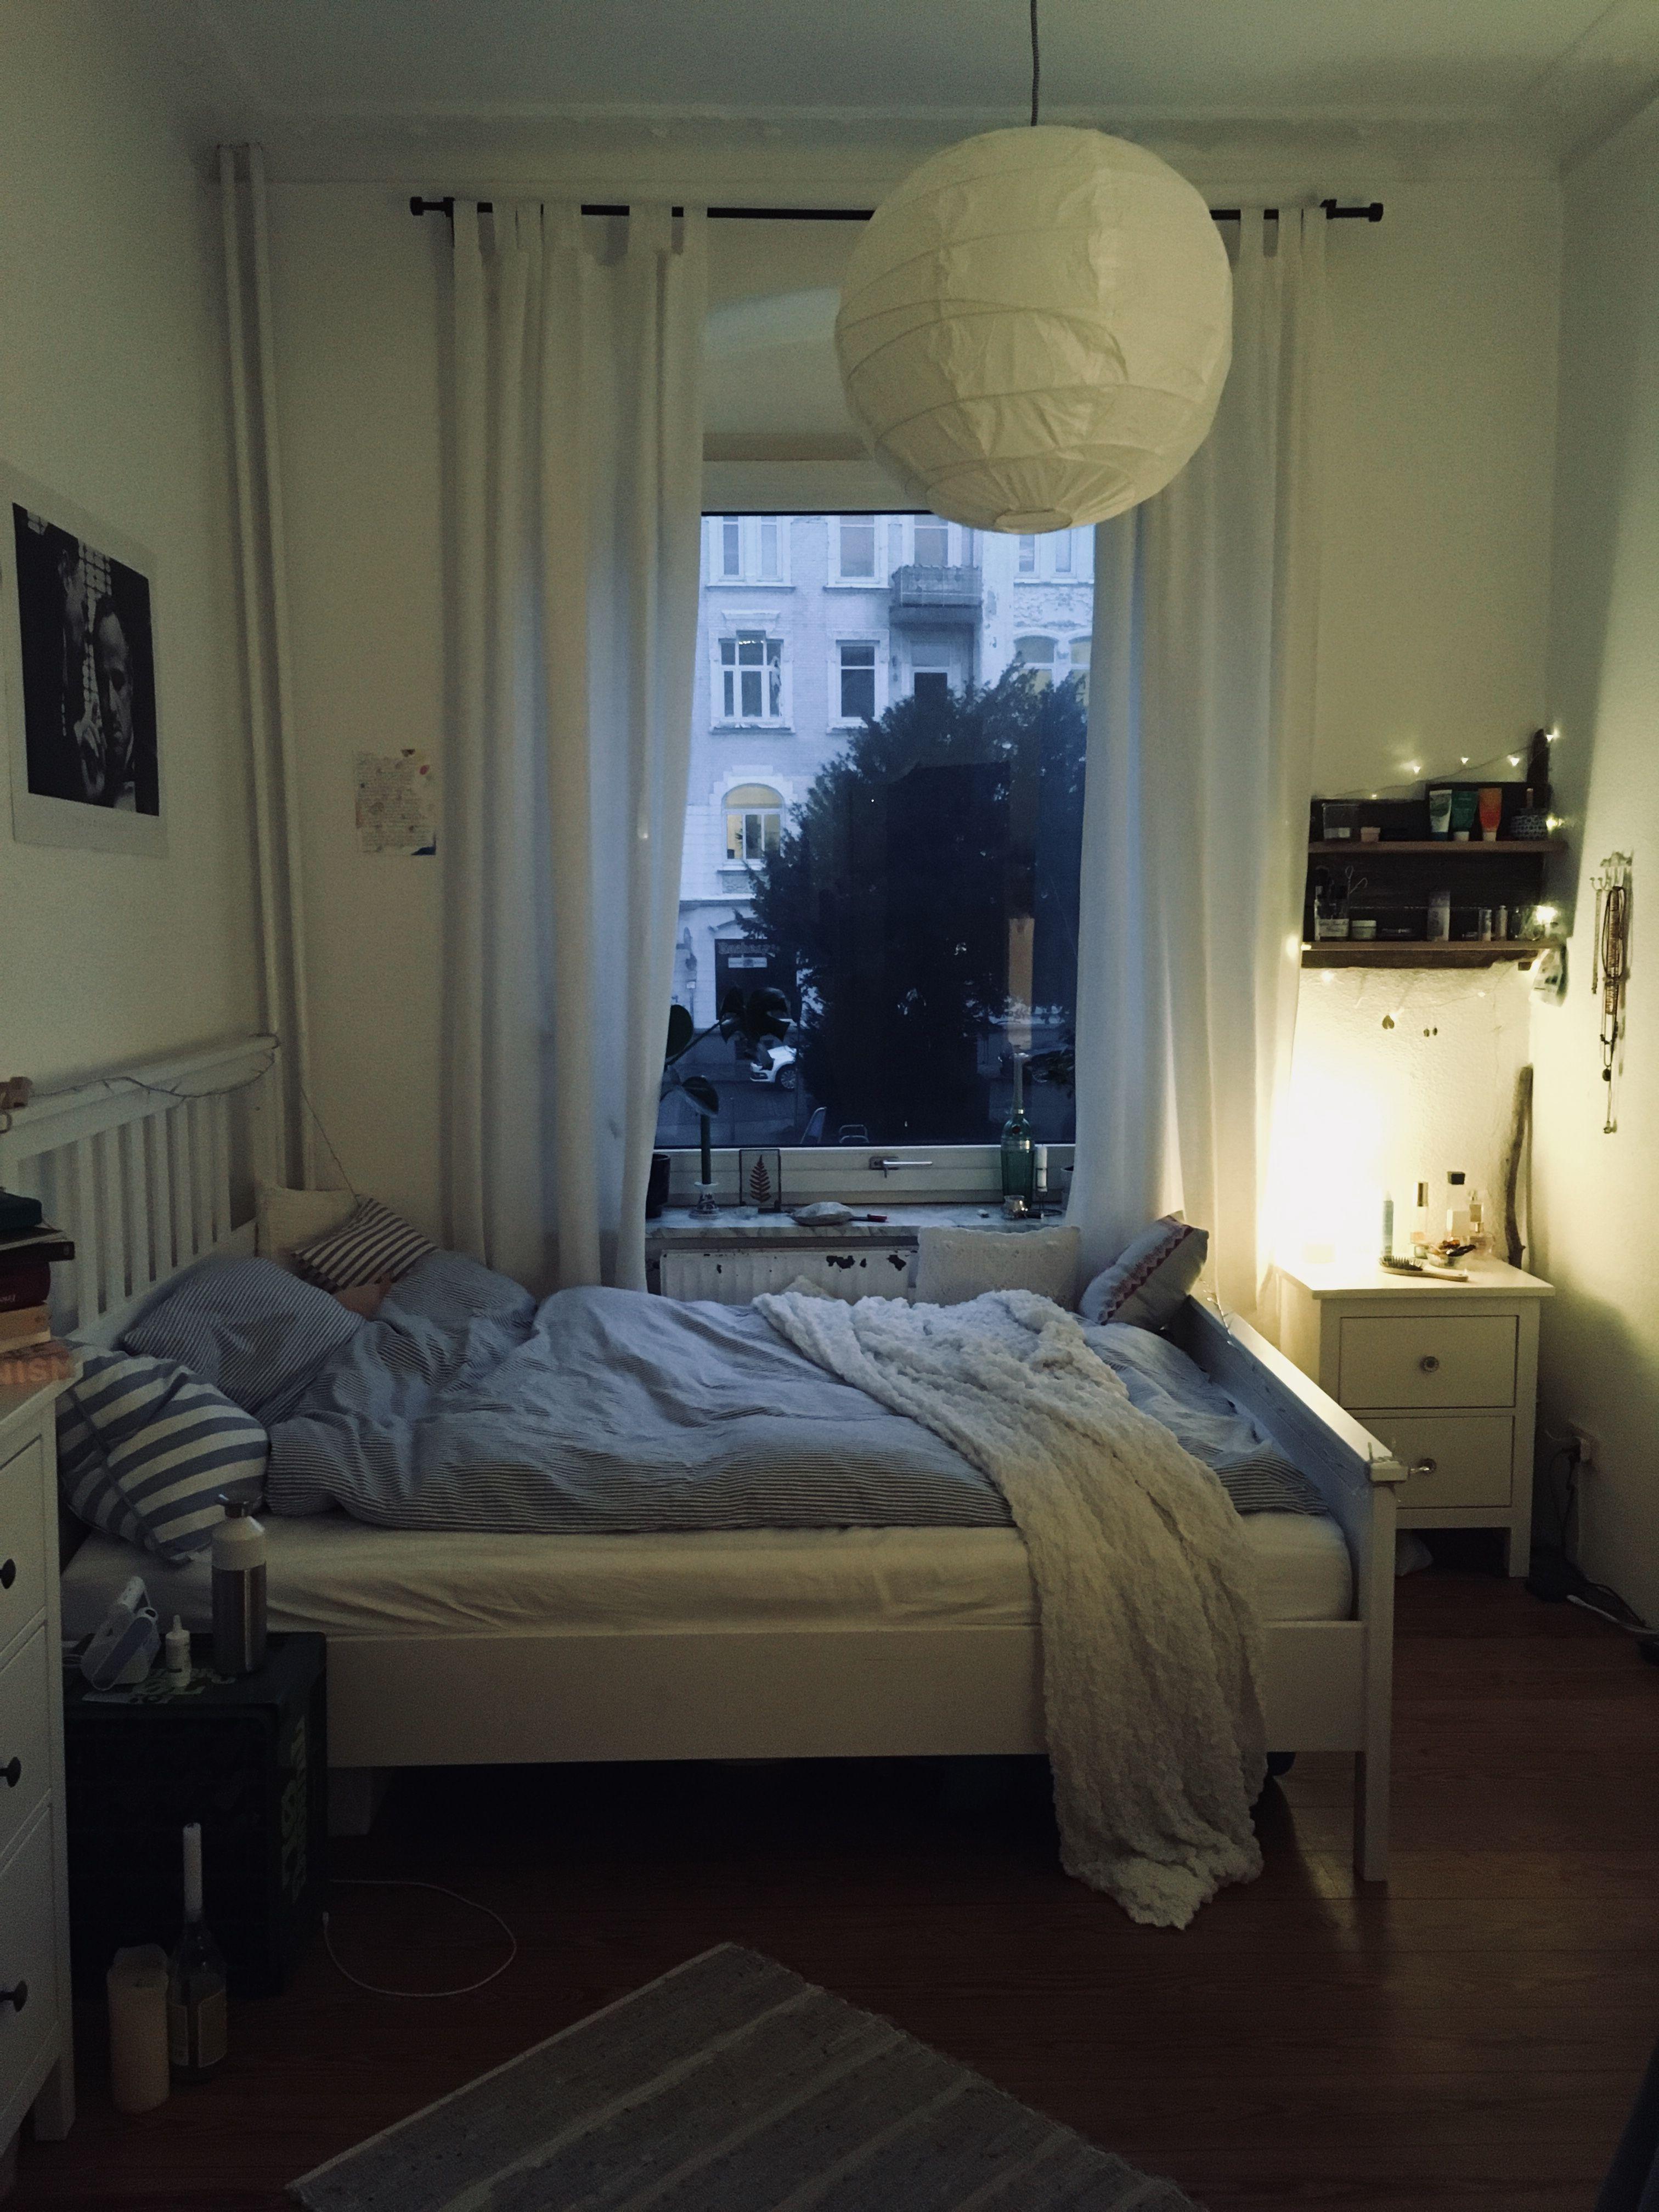 Pin De Jessie Del Olmo En Proyecto De Casa Dormitorios Decoracion De Habitacion Tumblr Decoraciones De Dormitorio